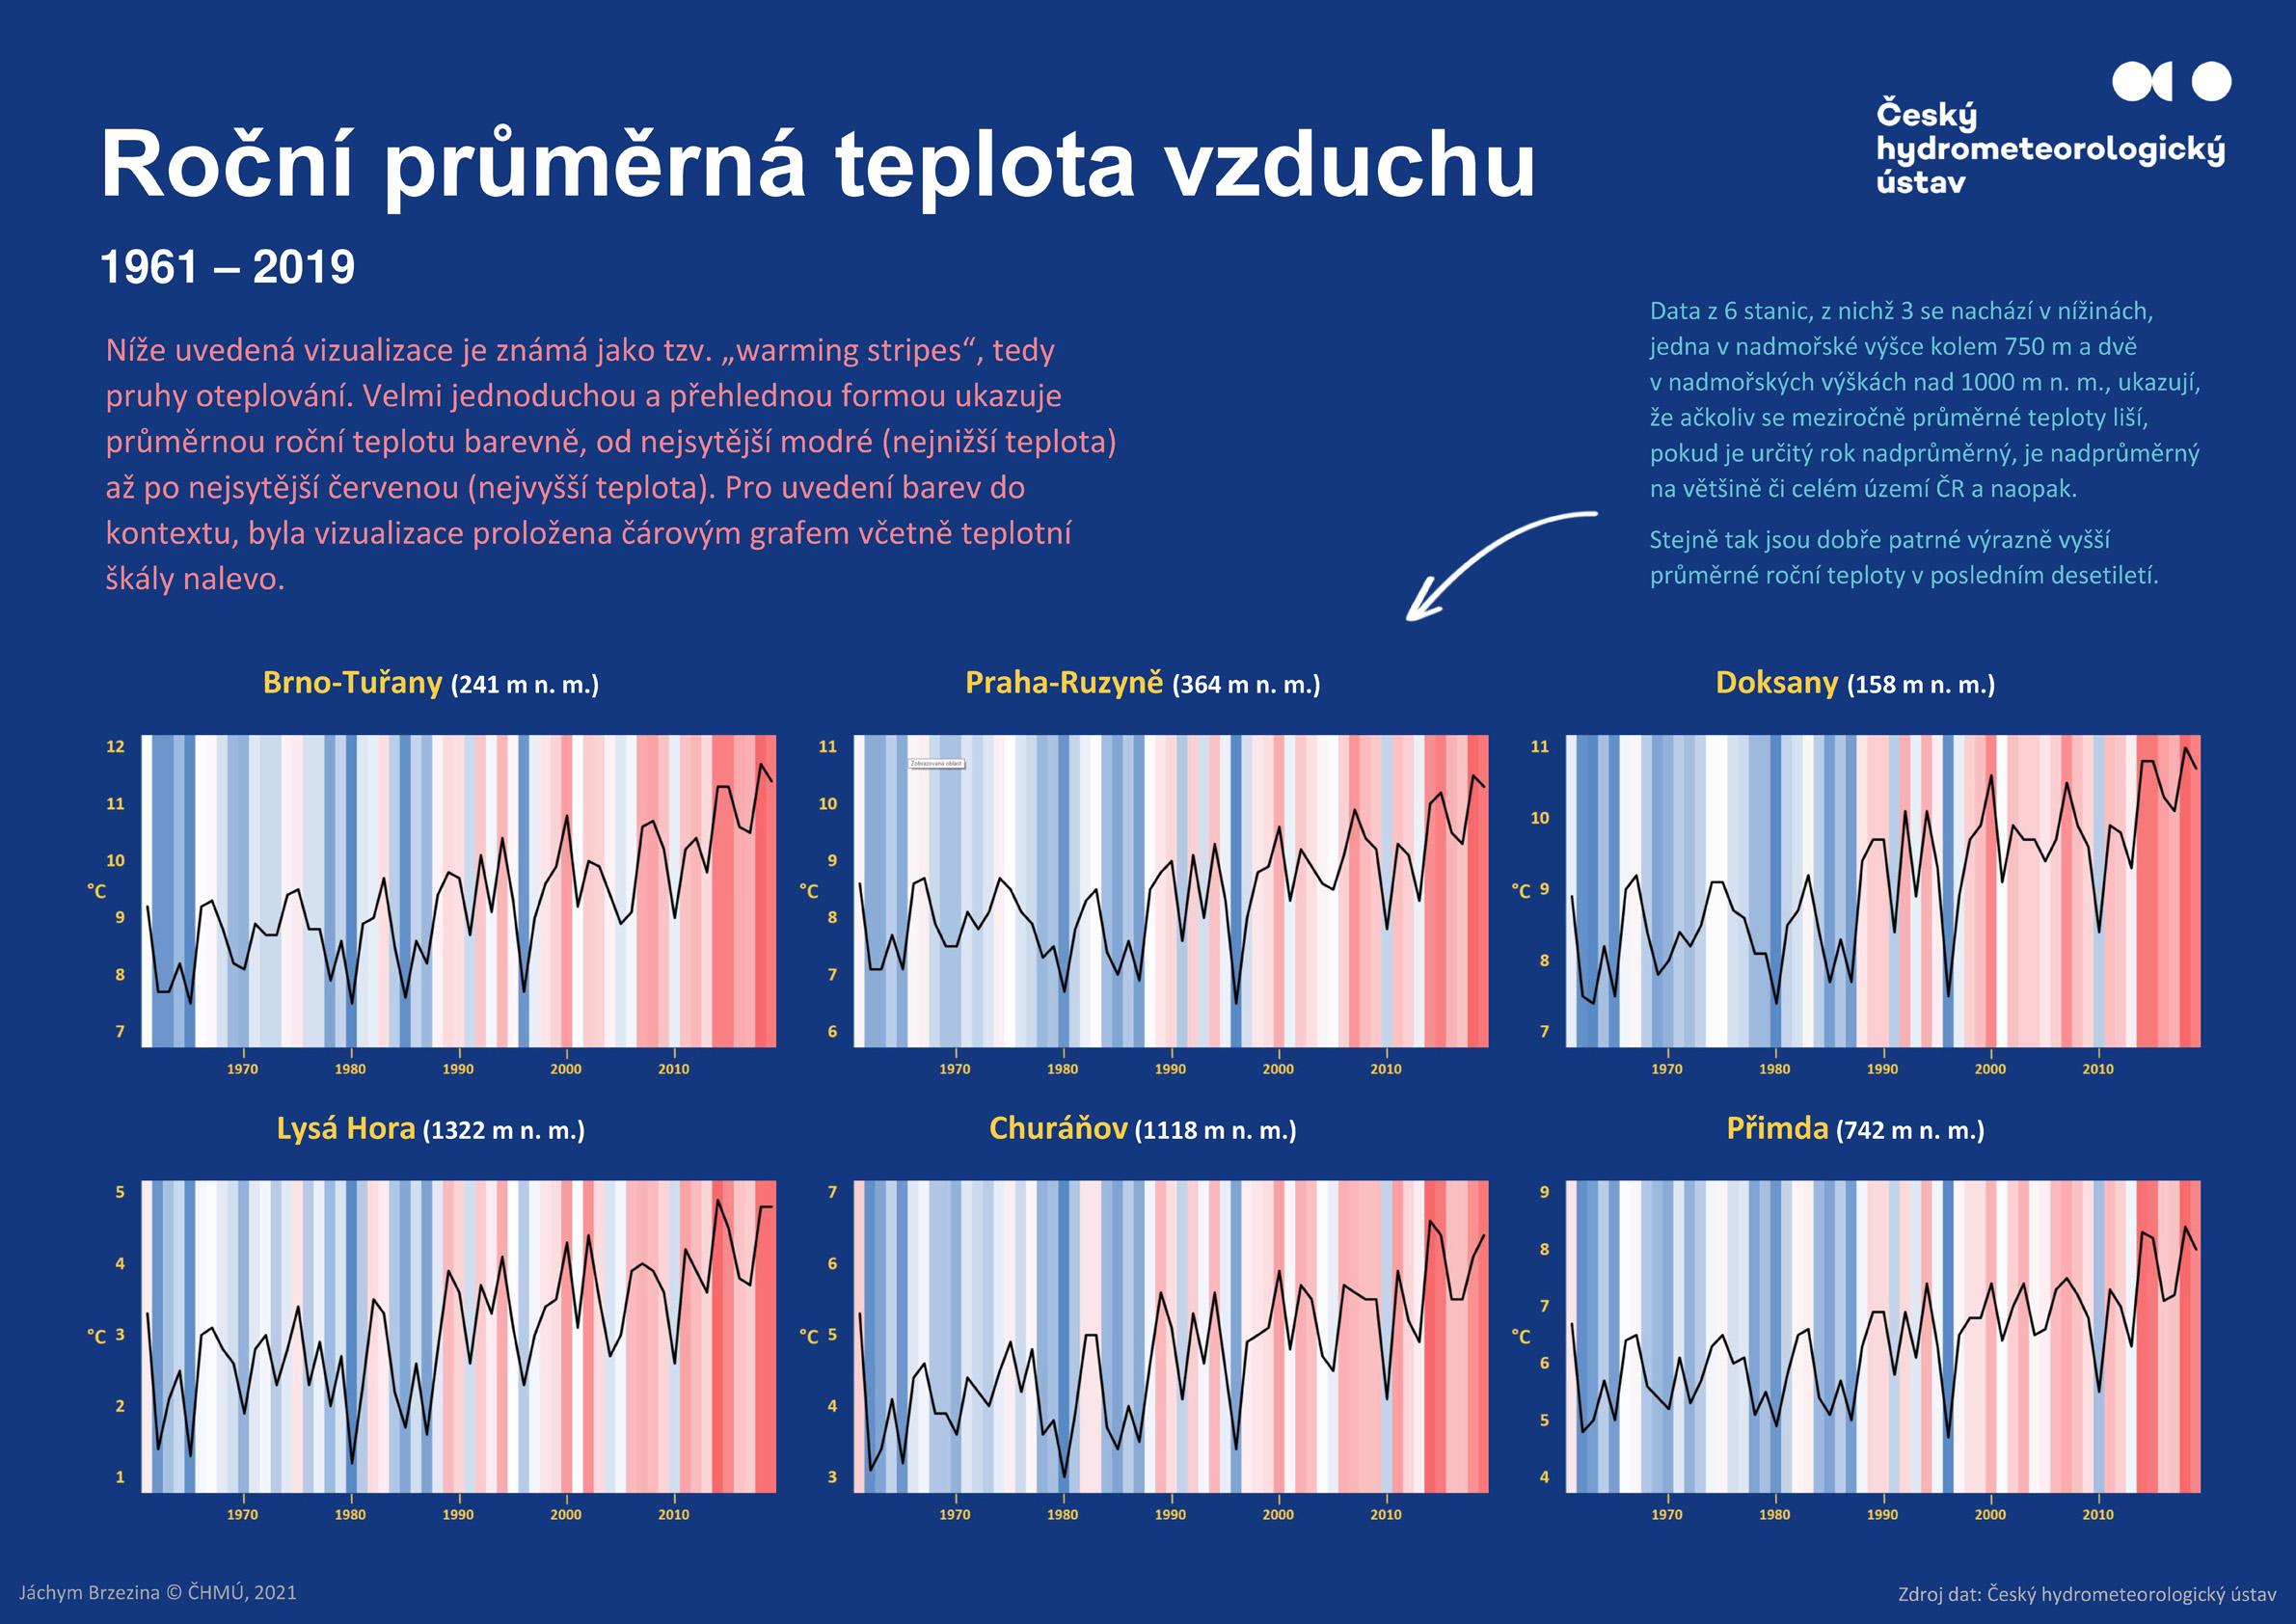 Warming stripes – vizualizace roční průměrné teploty vzduchu na vybraných stanicích v období 1961-20191 min čtení